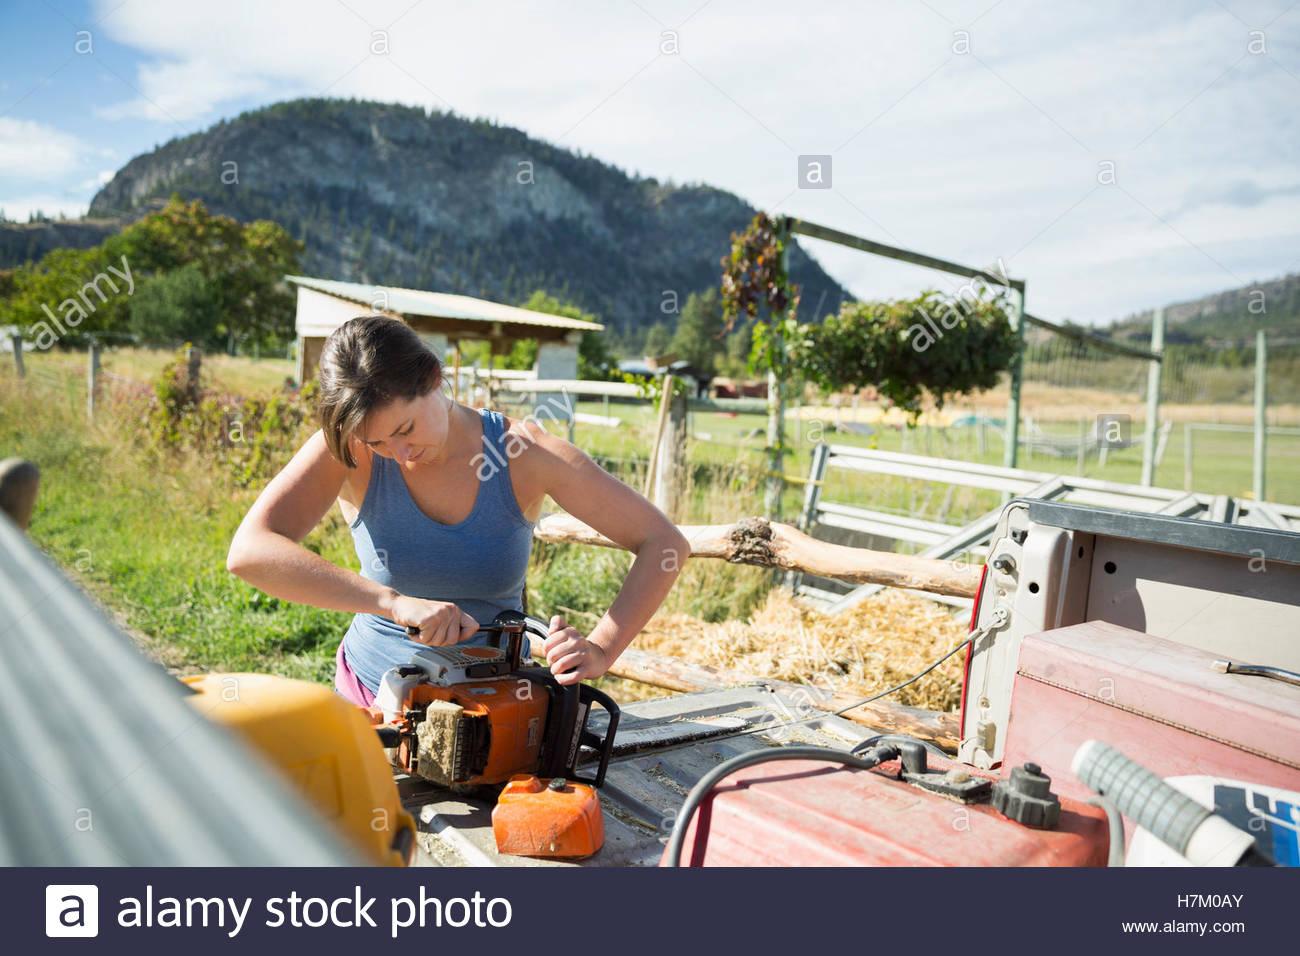 L'agricoltore femmina attrezzature di fissaggio sul pianale di sunny farm Immagini Stock